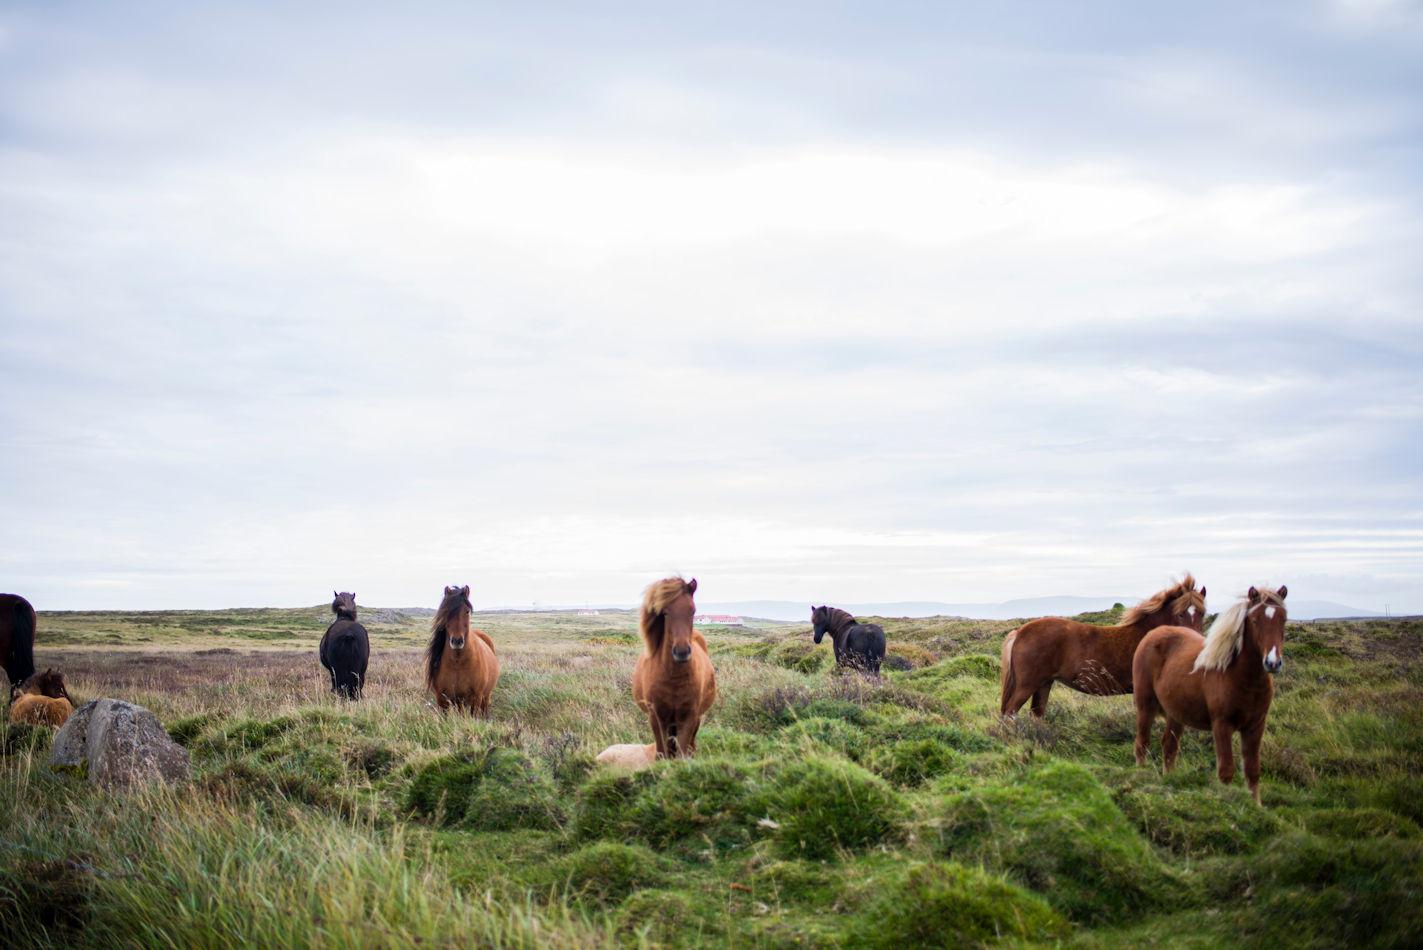 Ervaar het ontspannen gevoel van paardrijden!